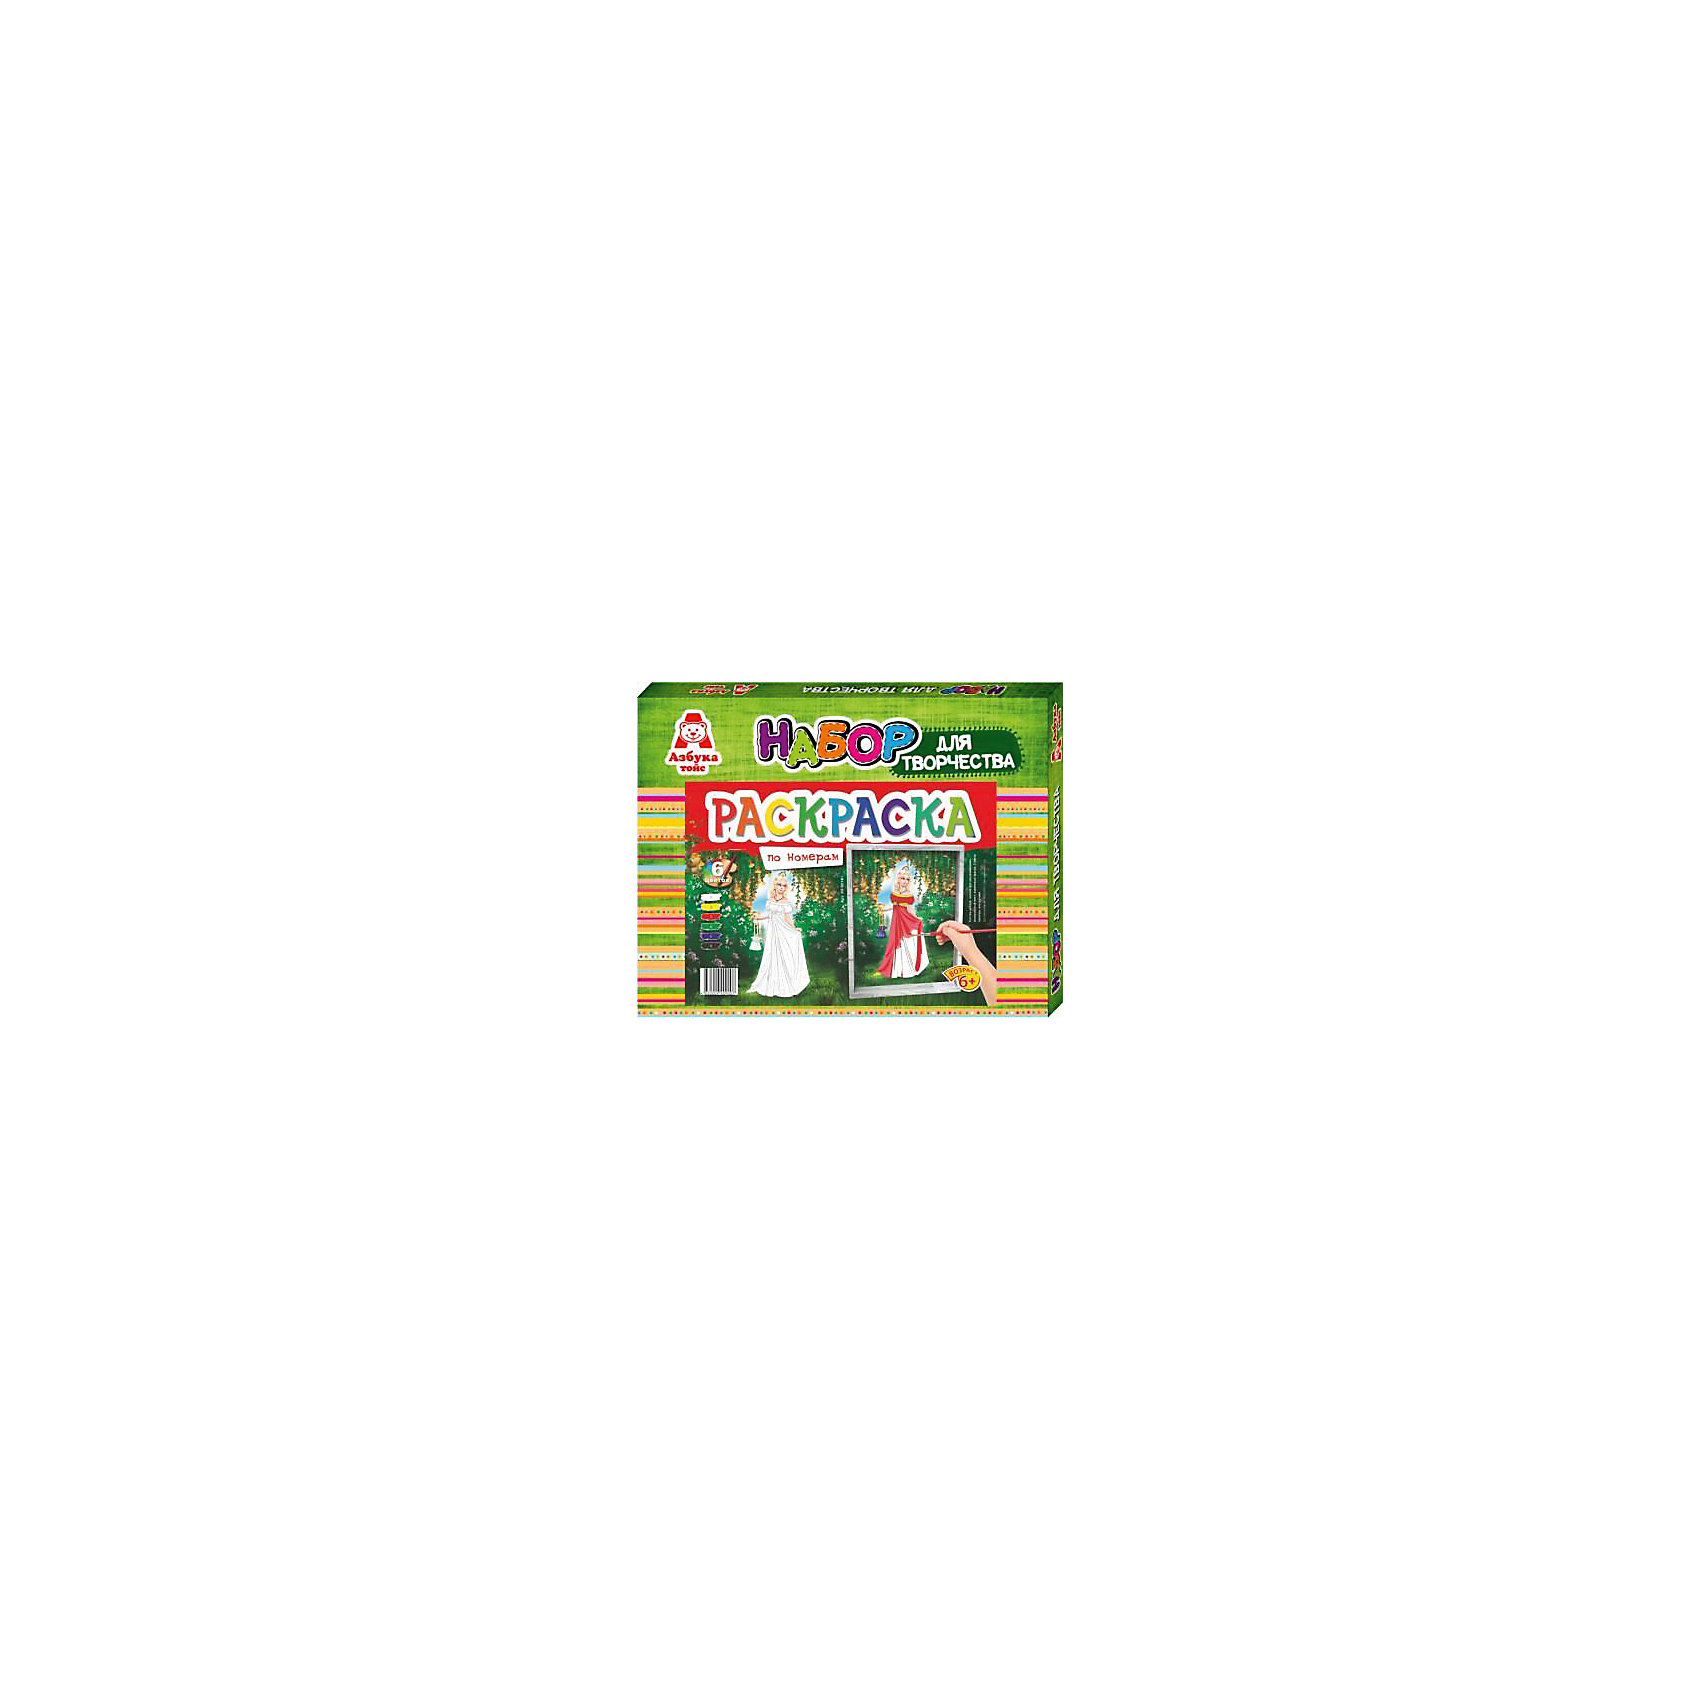 Раскраска по номерам Принцесса в красномХарактеристики товара:<br><br>• упаковка: коробка<br>• материал: картон, акрил<br>• возраст: 6+<br>• масса: 200 г<br>• габариты: 30х270х210 мм<br>• комплектация: основа с нанесенным контуром, акриловые краски 6 цв., 2 кисточки, палитра для смешивания, картонная рамка и инструкция<br>• страна бренда: РФ<br>• страна изготовитель: РФ<br><br>Раскрашивание картинок – всеми любимый увлекательный процесс. Отличительной особенностью набора является то, что картинка разделена на зоны с нумерацией. Каждый номер – один цвет, соответствующий цвету в наборе красок. В итоге получается красивая картина. Это поможет ребенку поверить в свои силы и развить творческие способности.<br>Набор станет отличным подарком ребенку, так как он сможет сам сделать красивую вещь для себя или в качестве подарка близким! Материалы, использованные при изготовлении товара, сертифицированы и отвечают всем международным требованиям по качеству. <br><br>Раскраску по номерам Принцесса в красном от бренда Азбука Тойс можно приобрести в нашем интернет-магазине.<br><br>Ширина мм: 270<br>Глубина мм: 30<br>Высота мм: 210<br>Вес г: 200<br>Возраст от месяцев: 72<br>Возраст до месяцев: 120<br>Пол: Женский<br>Возраст: Детский<br>SKU: 5062878